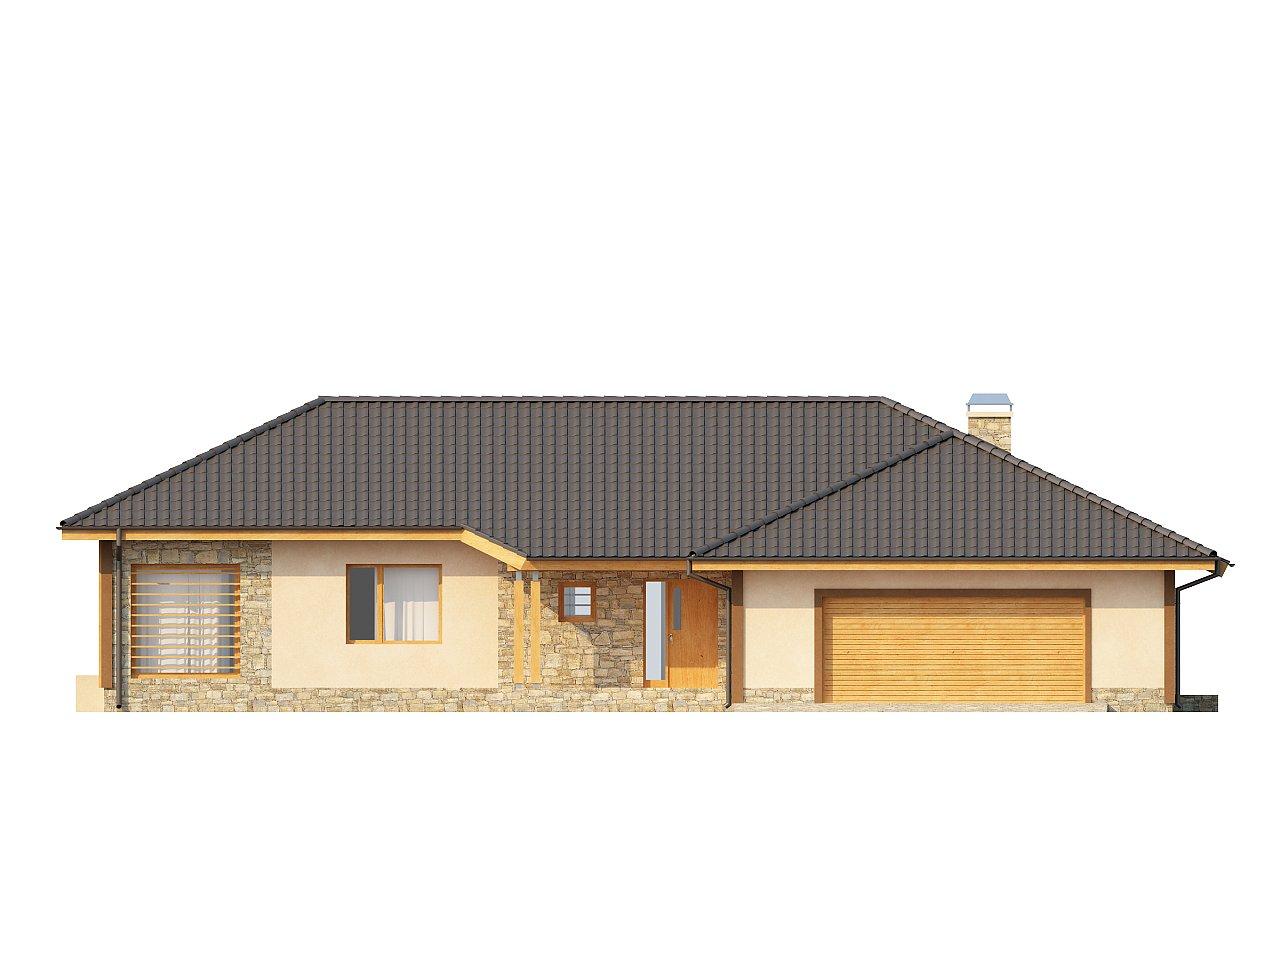 Проект одноэтажного дома с выступающим фронтальным гаражом. - фото 3